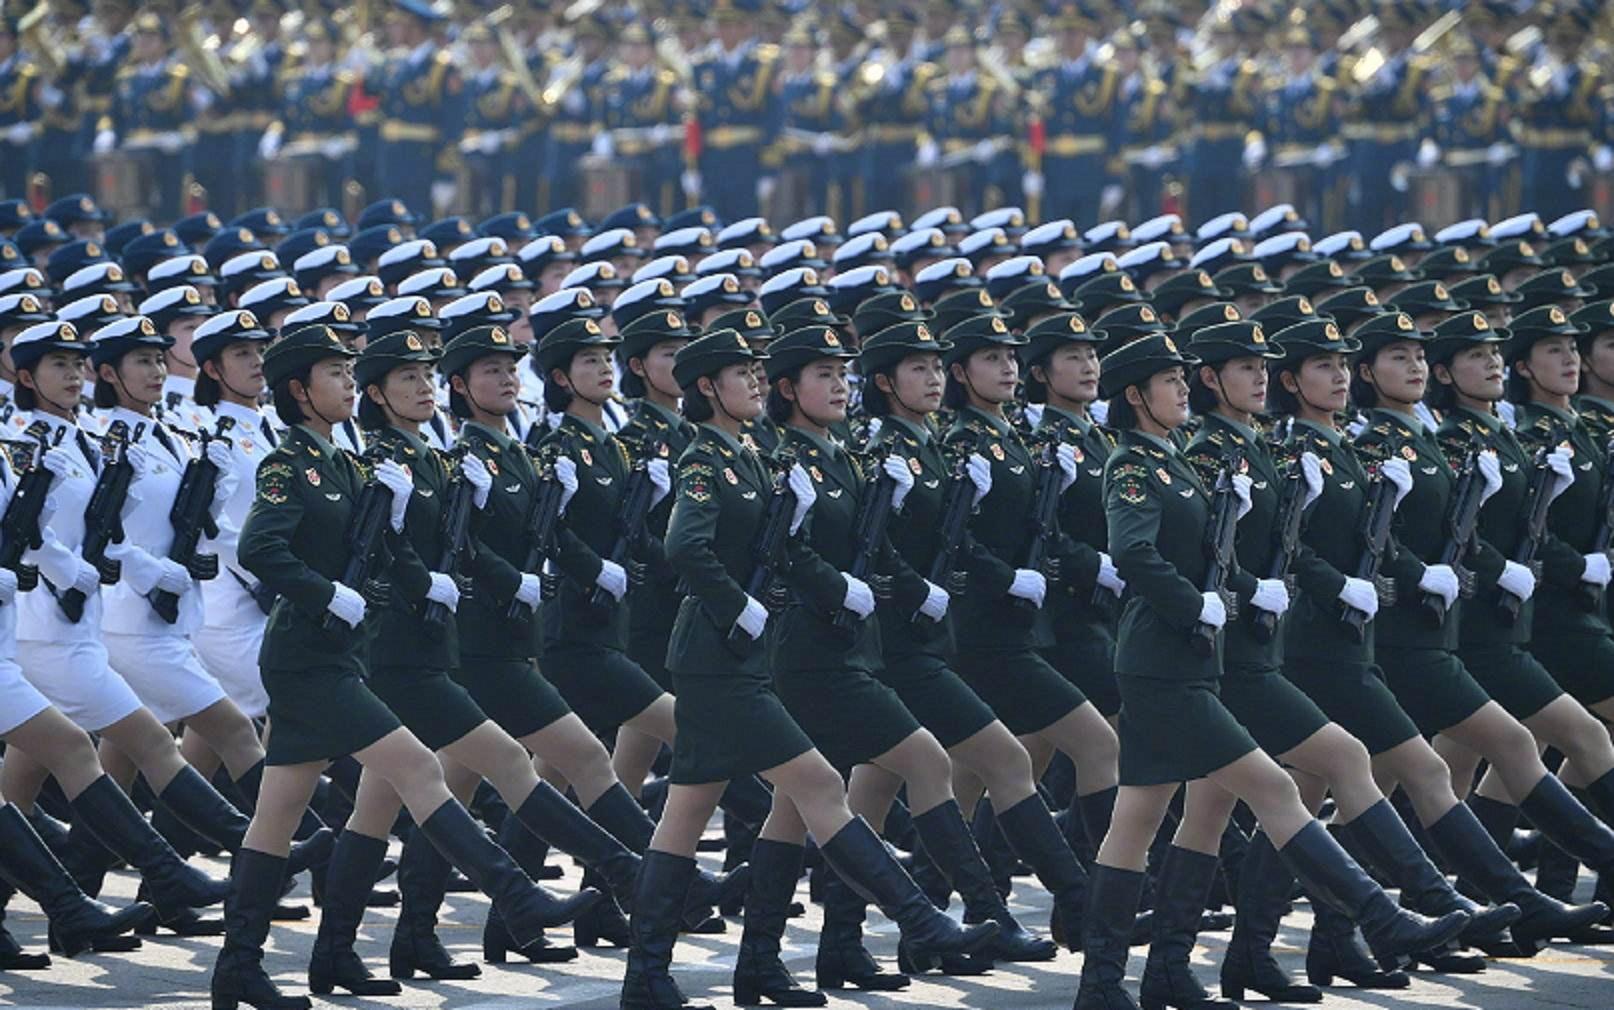 美國有30萬的女兵,俄羅斯也有12萬,解放軍中有多少女兵呢?-圖3